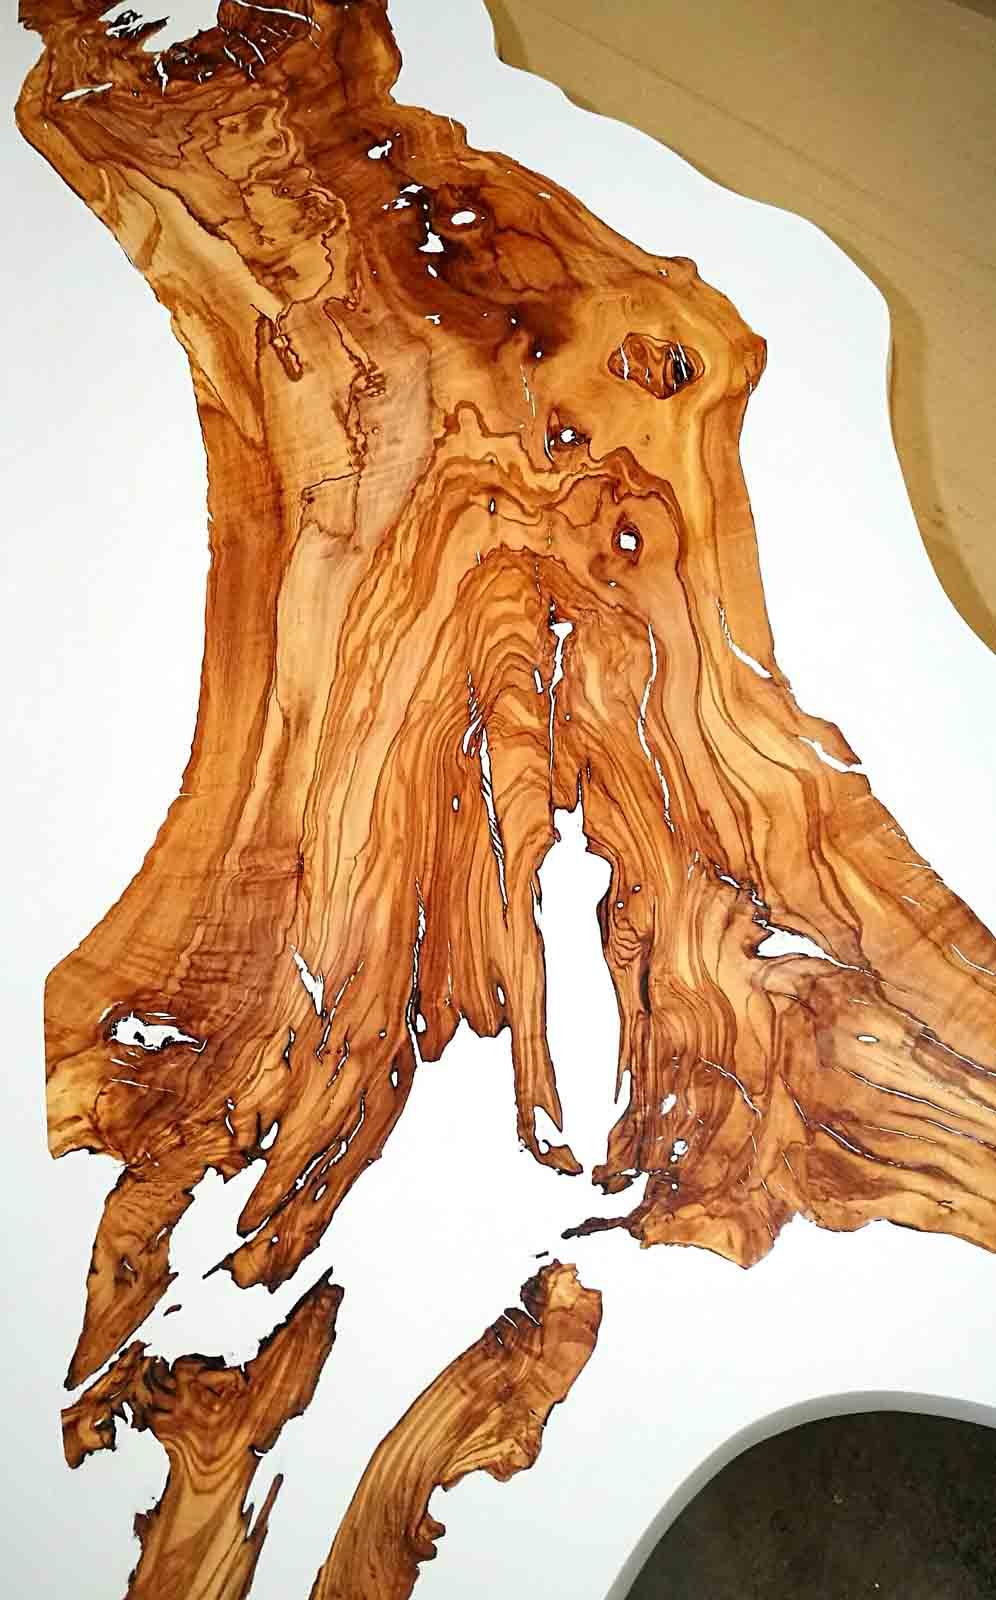 Muebles de resina mobiliario de resina y madera for Bancos de resina baratos